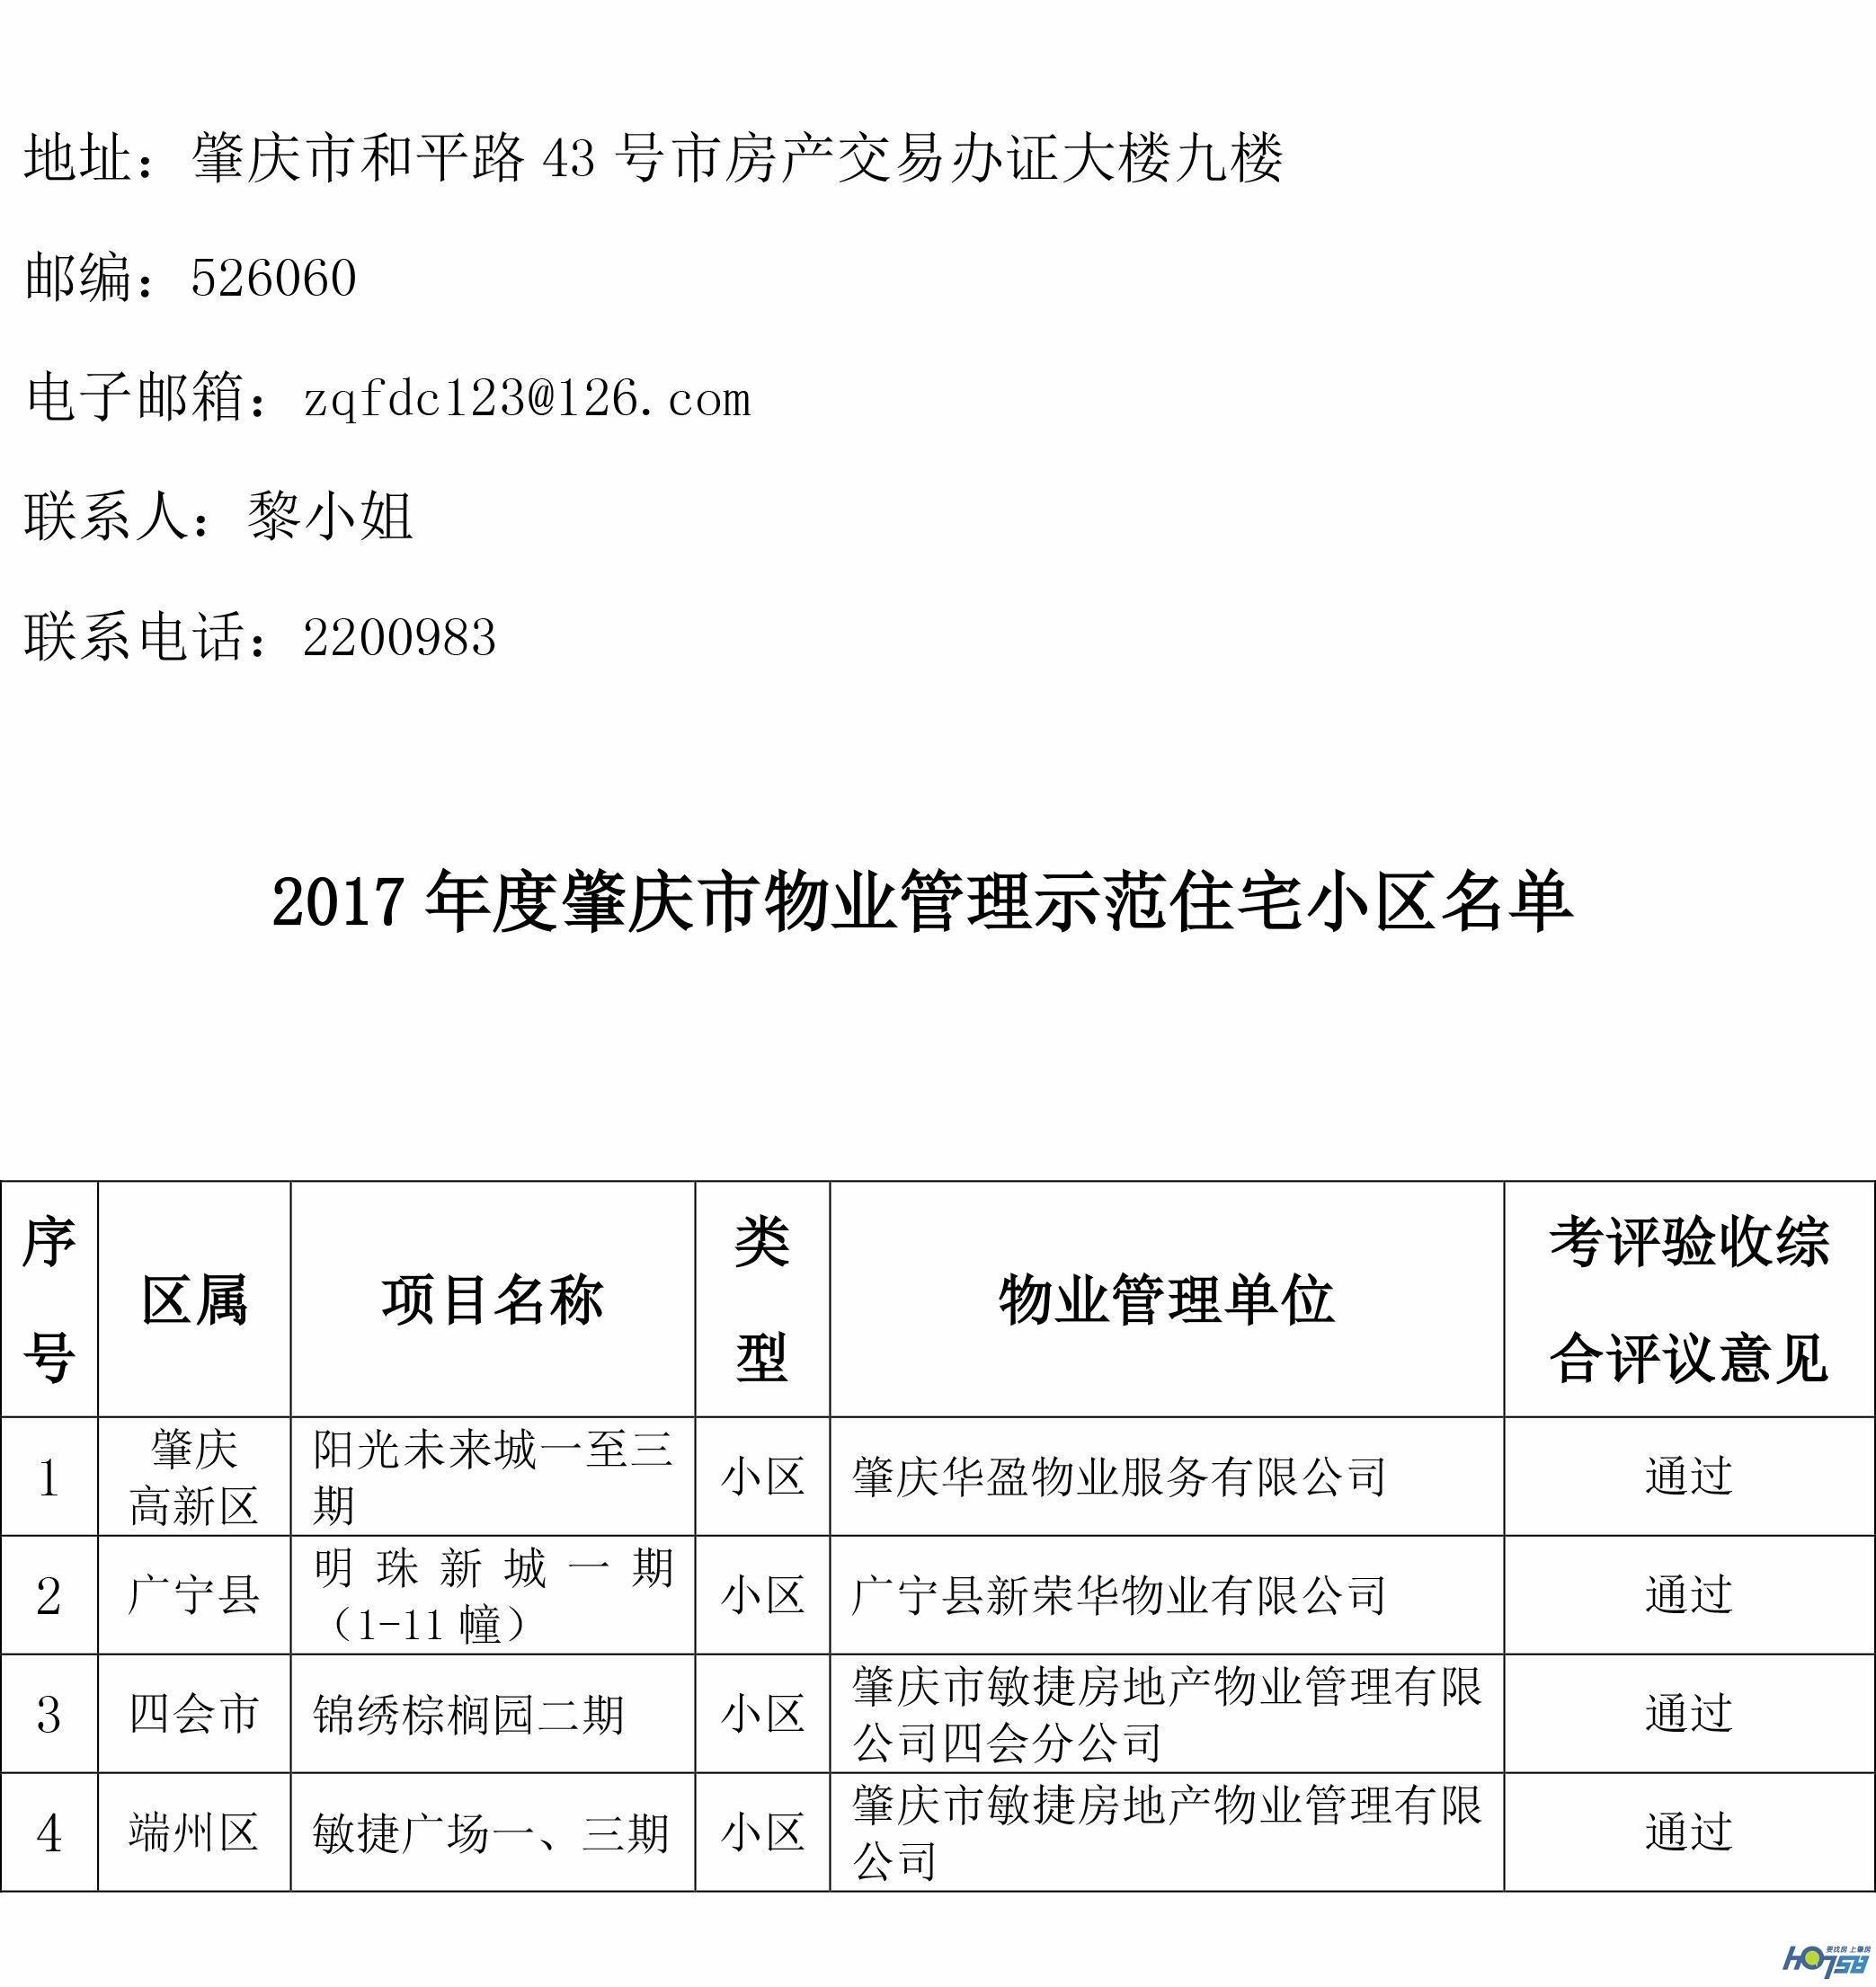 关于2017年肇庆市物业管理示范项目考评结果的公示-2_看图王.jpg